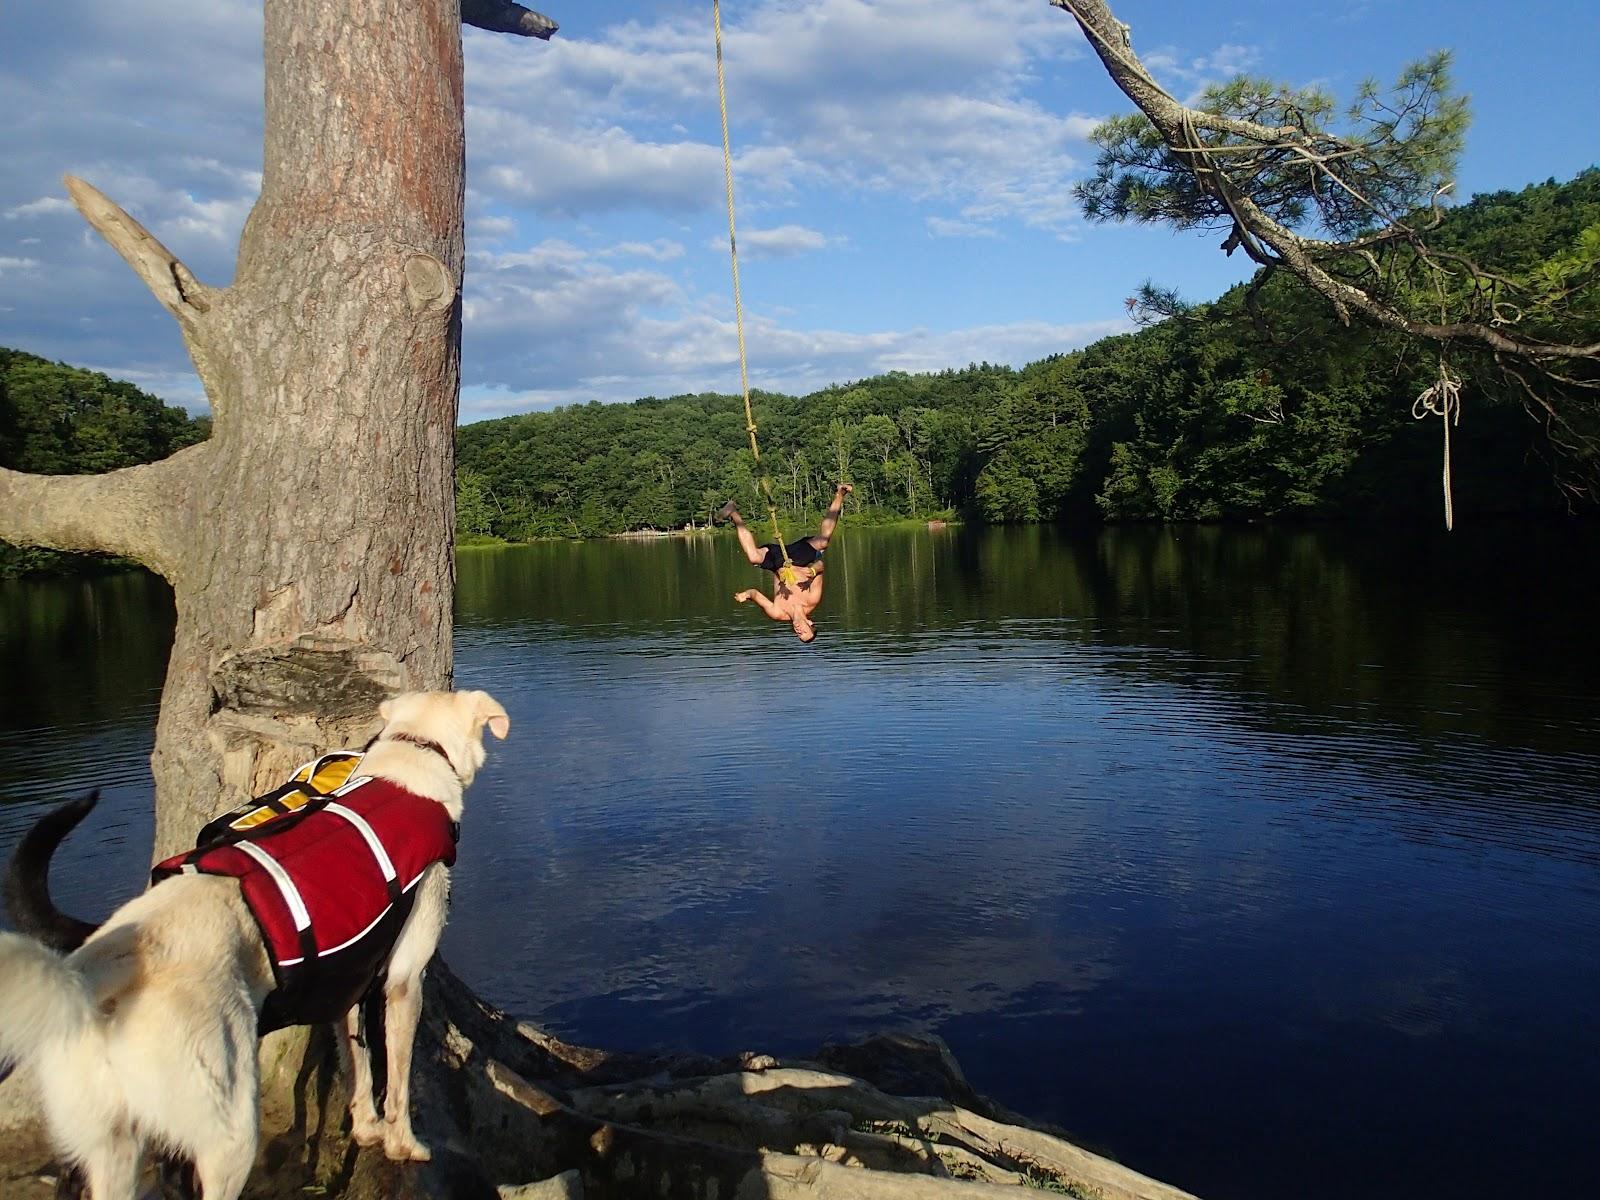 Off rope swinging